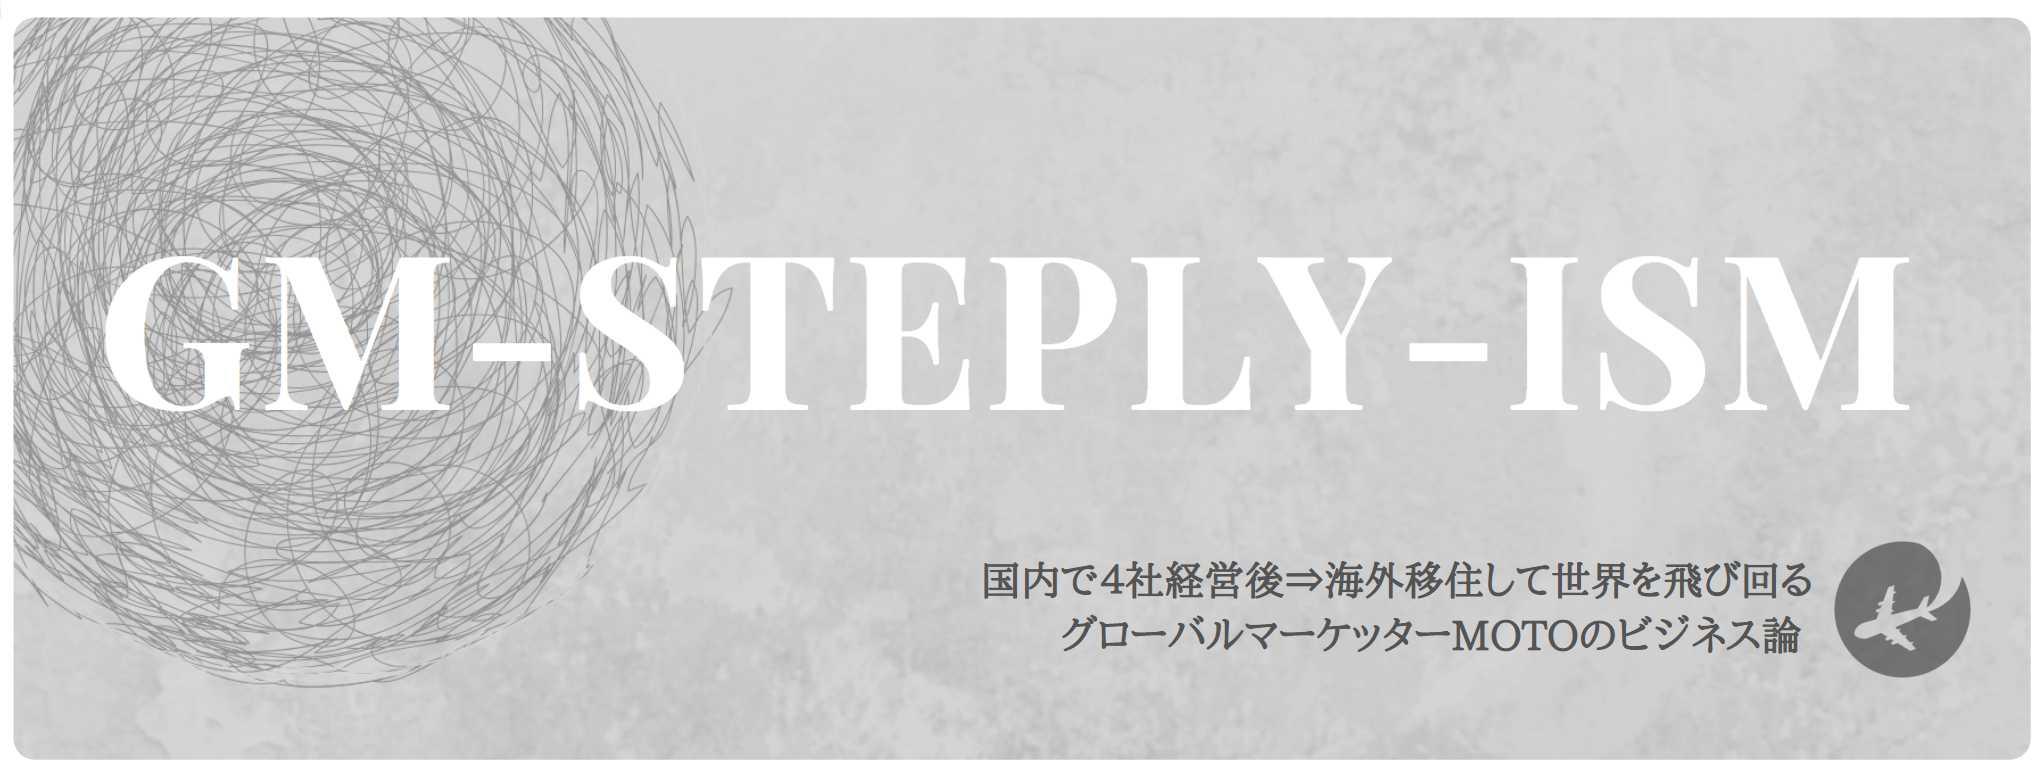 GM-STEPLY-ISM(グローバルマーケッターMOTOのビジネス論)